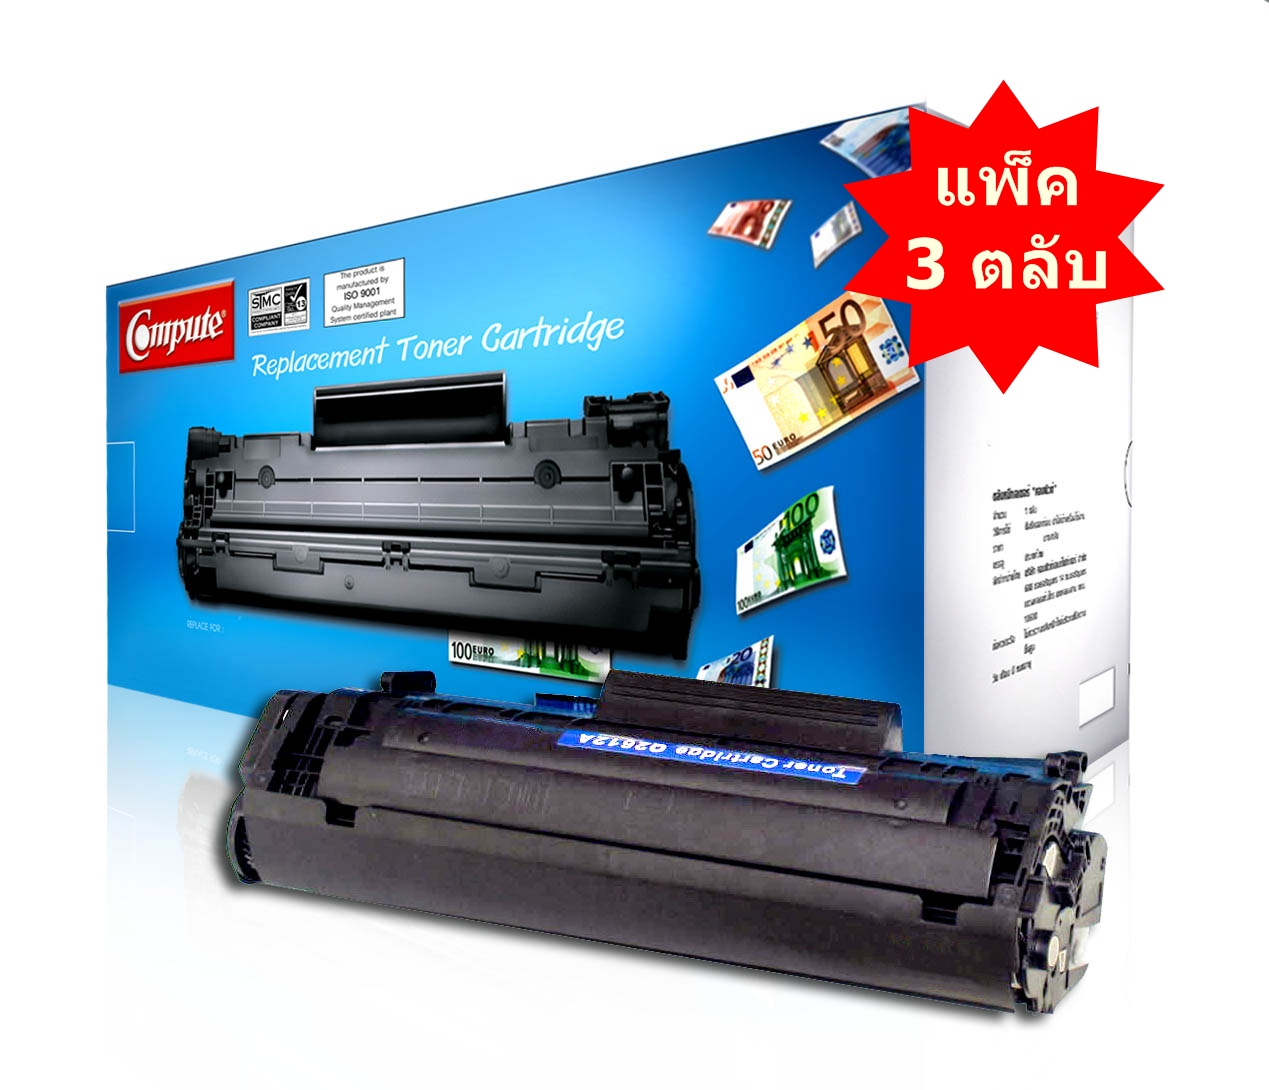 ตลับหมึกเลเซอร์ Compute Canon 303/FX-9/FX-10 (Toner Cartridge) แพ็ค 3 ตลับ